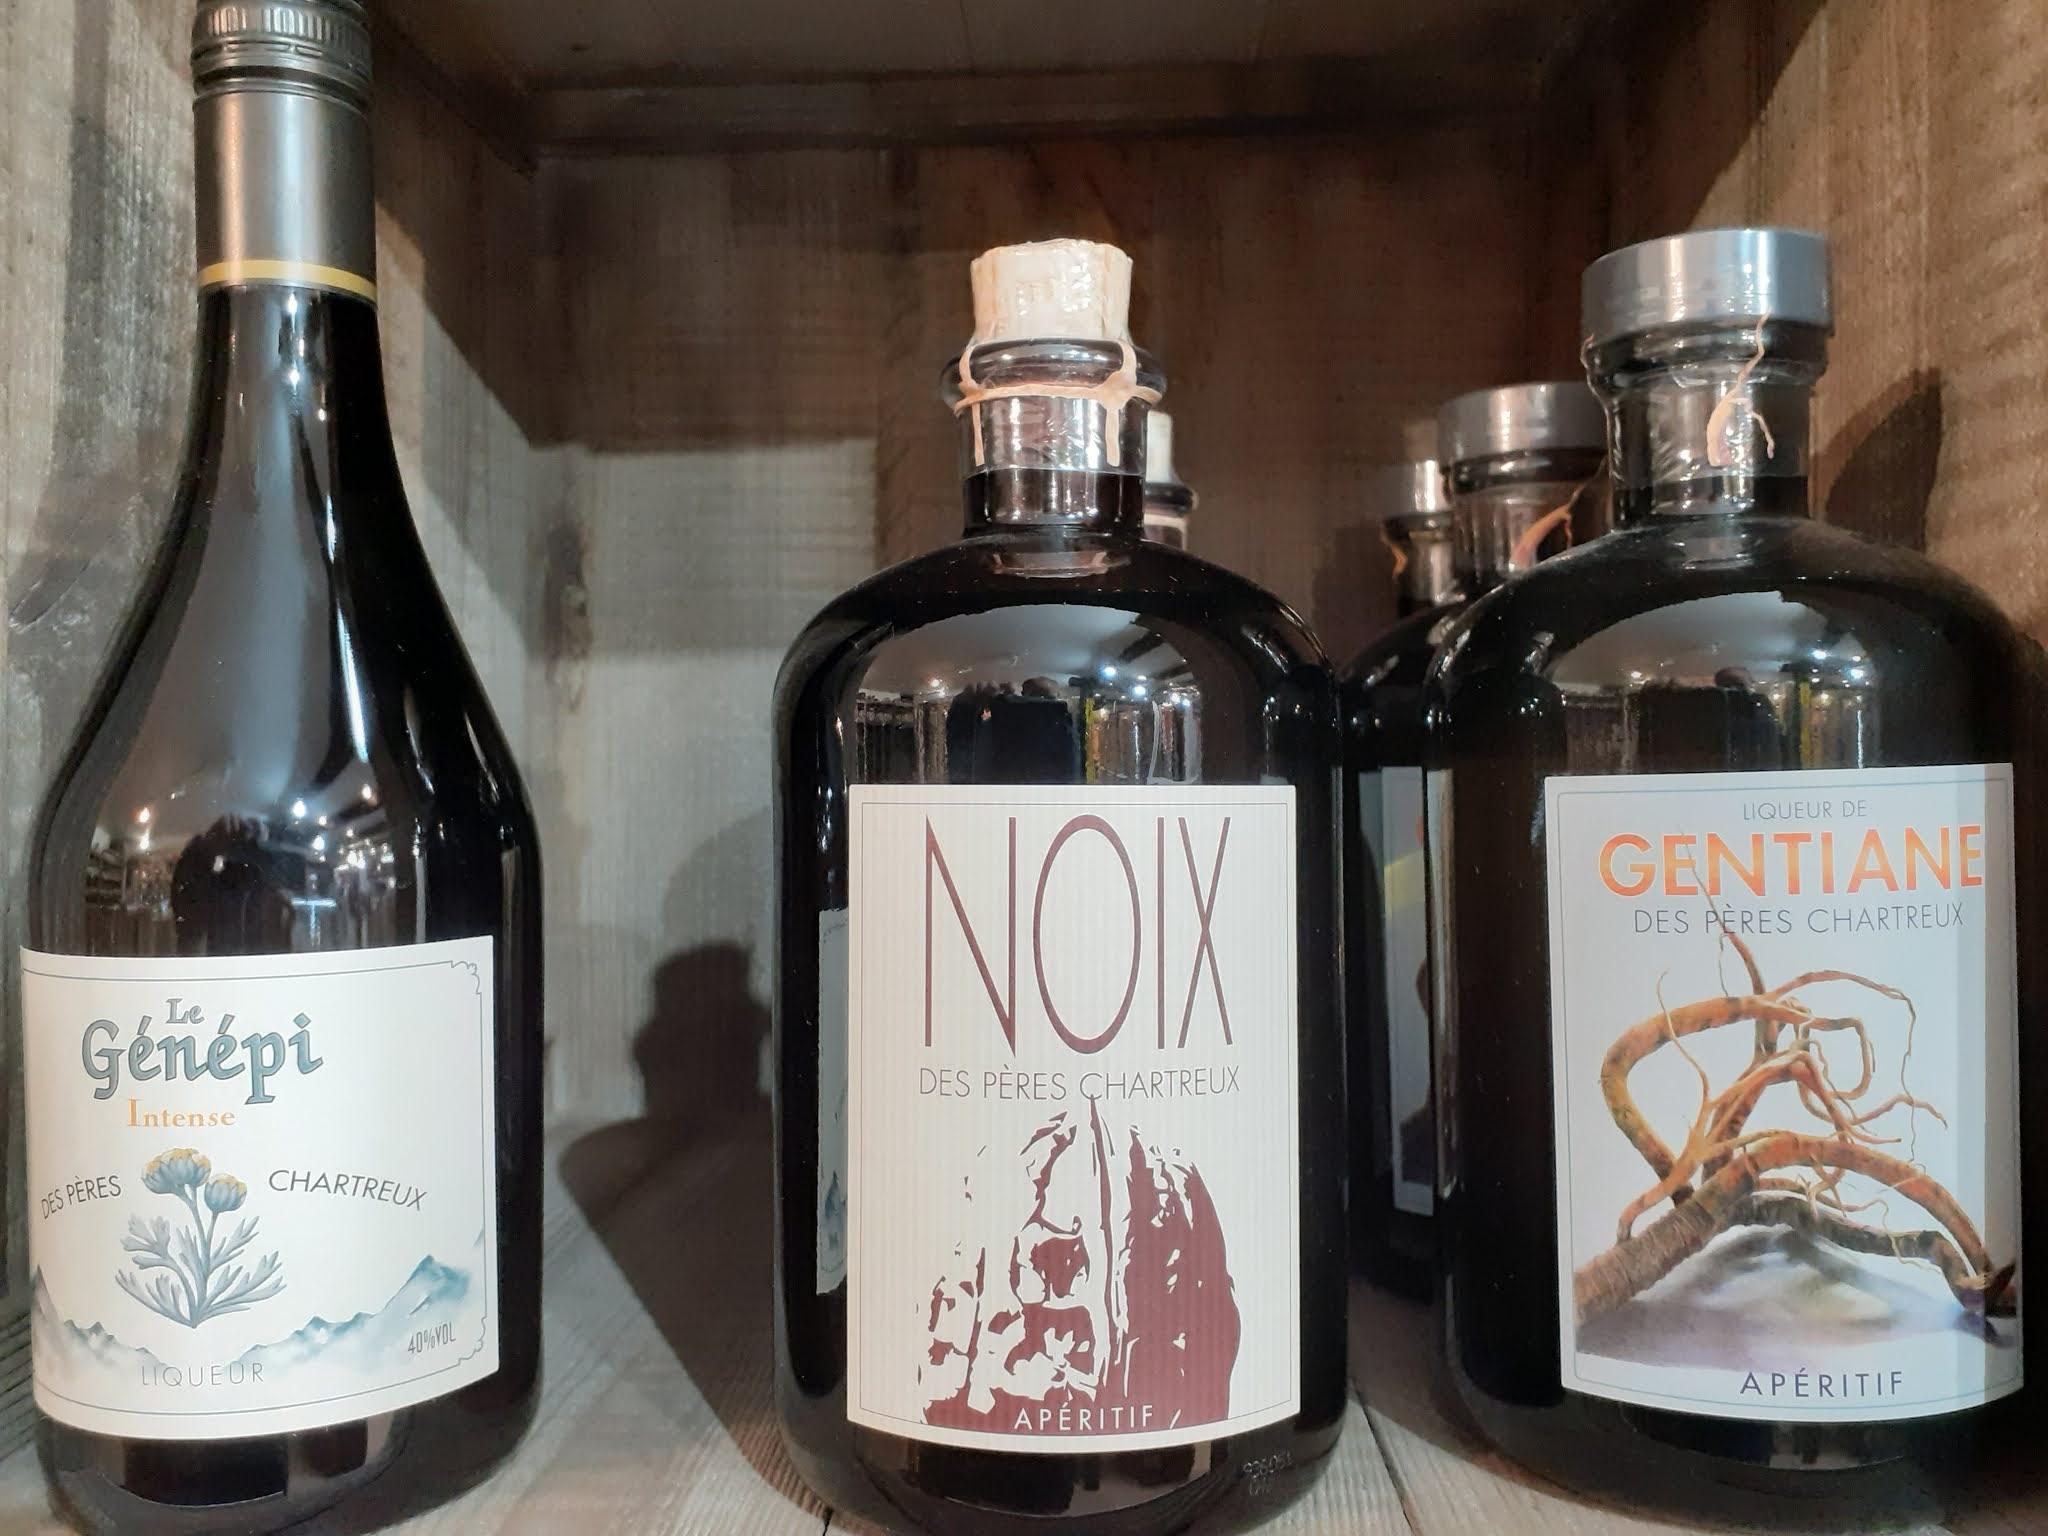 Liqueurs de noix, génépi et gentiane des pères chartreux